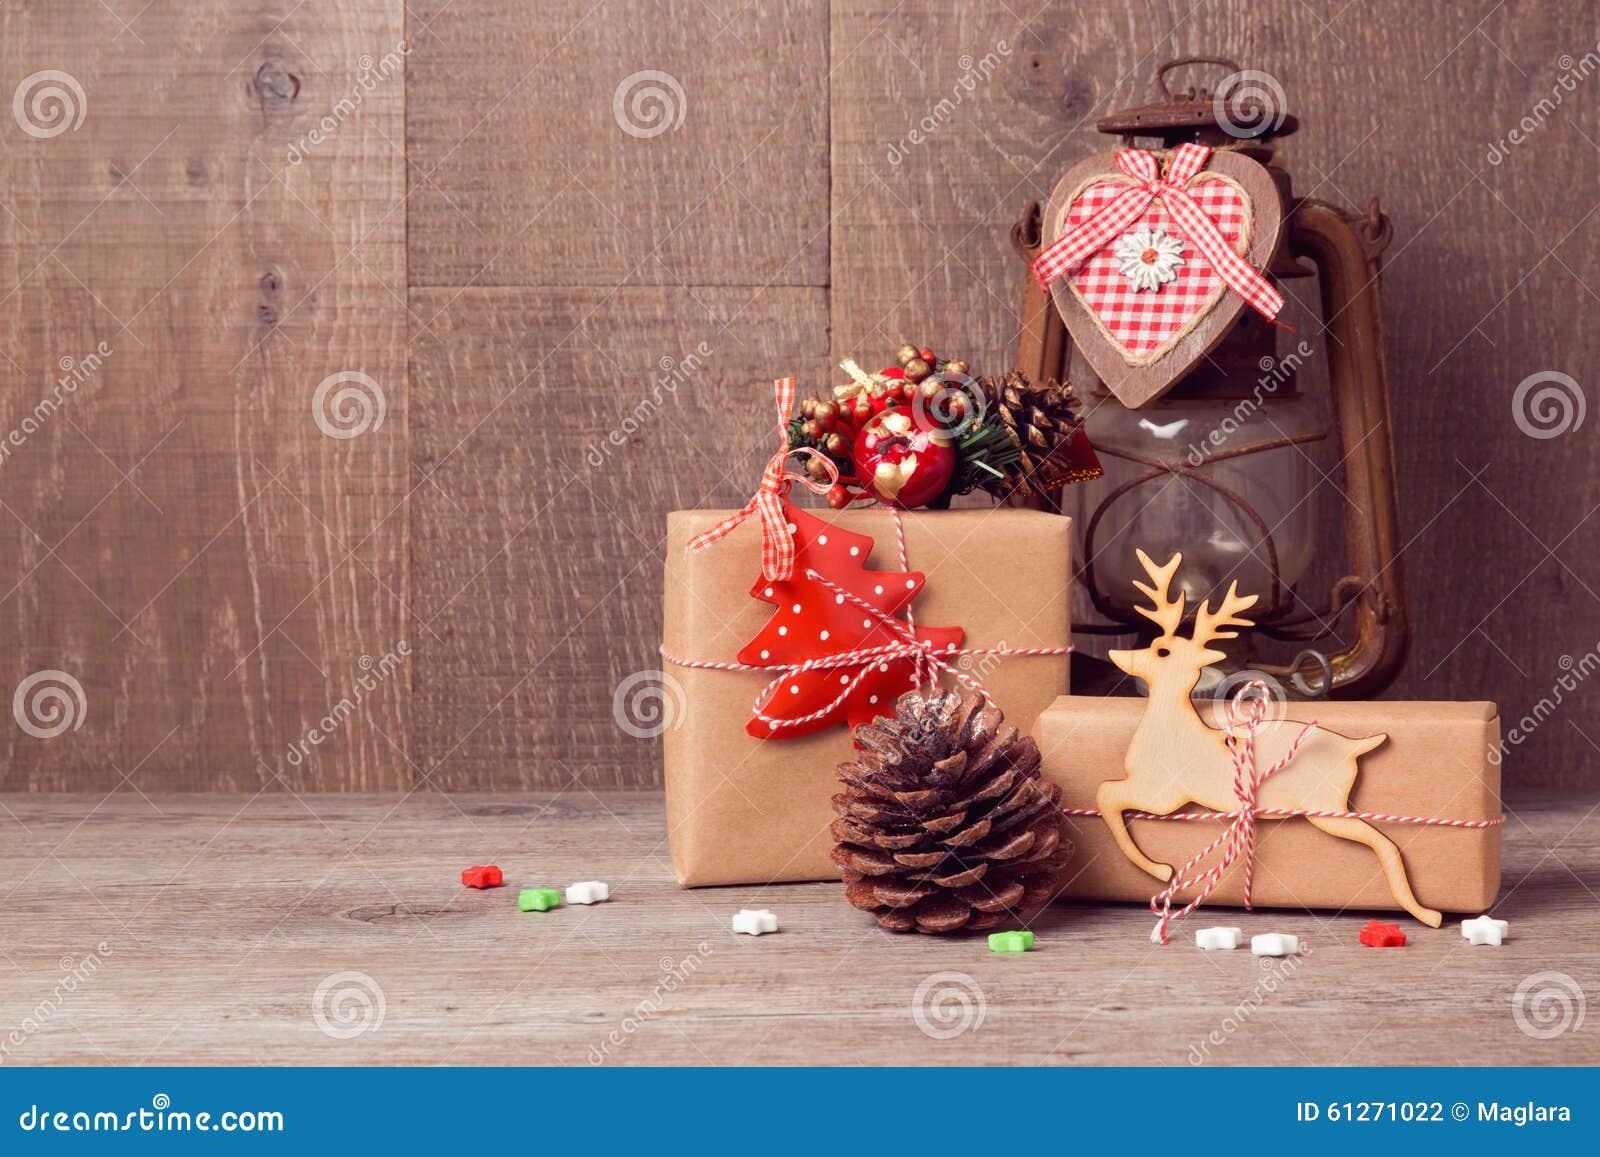 Regali Di Natale In Legno.Regali Fatti A Mano Di Natale Con La Lanterna D Annata Sulla Tavola